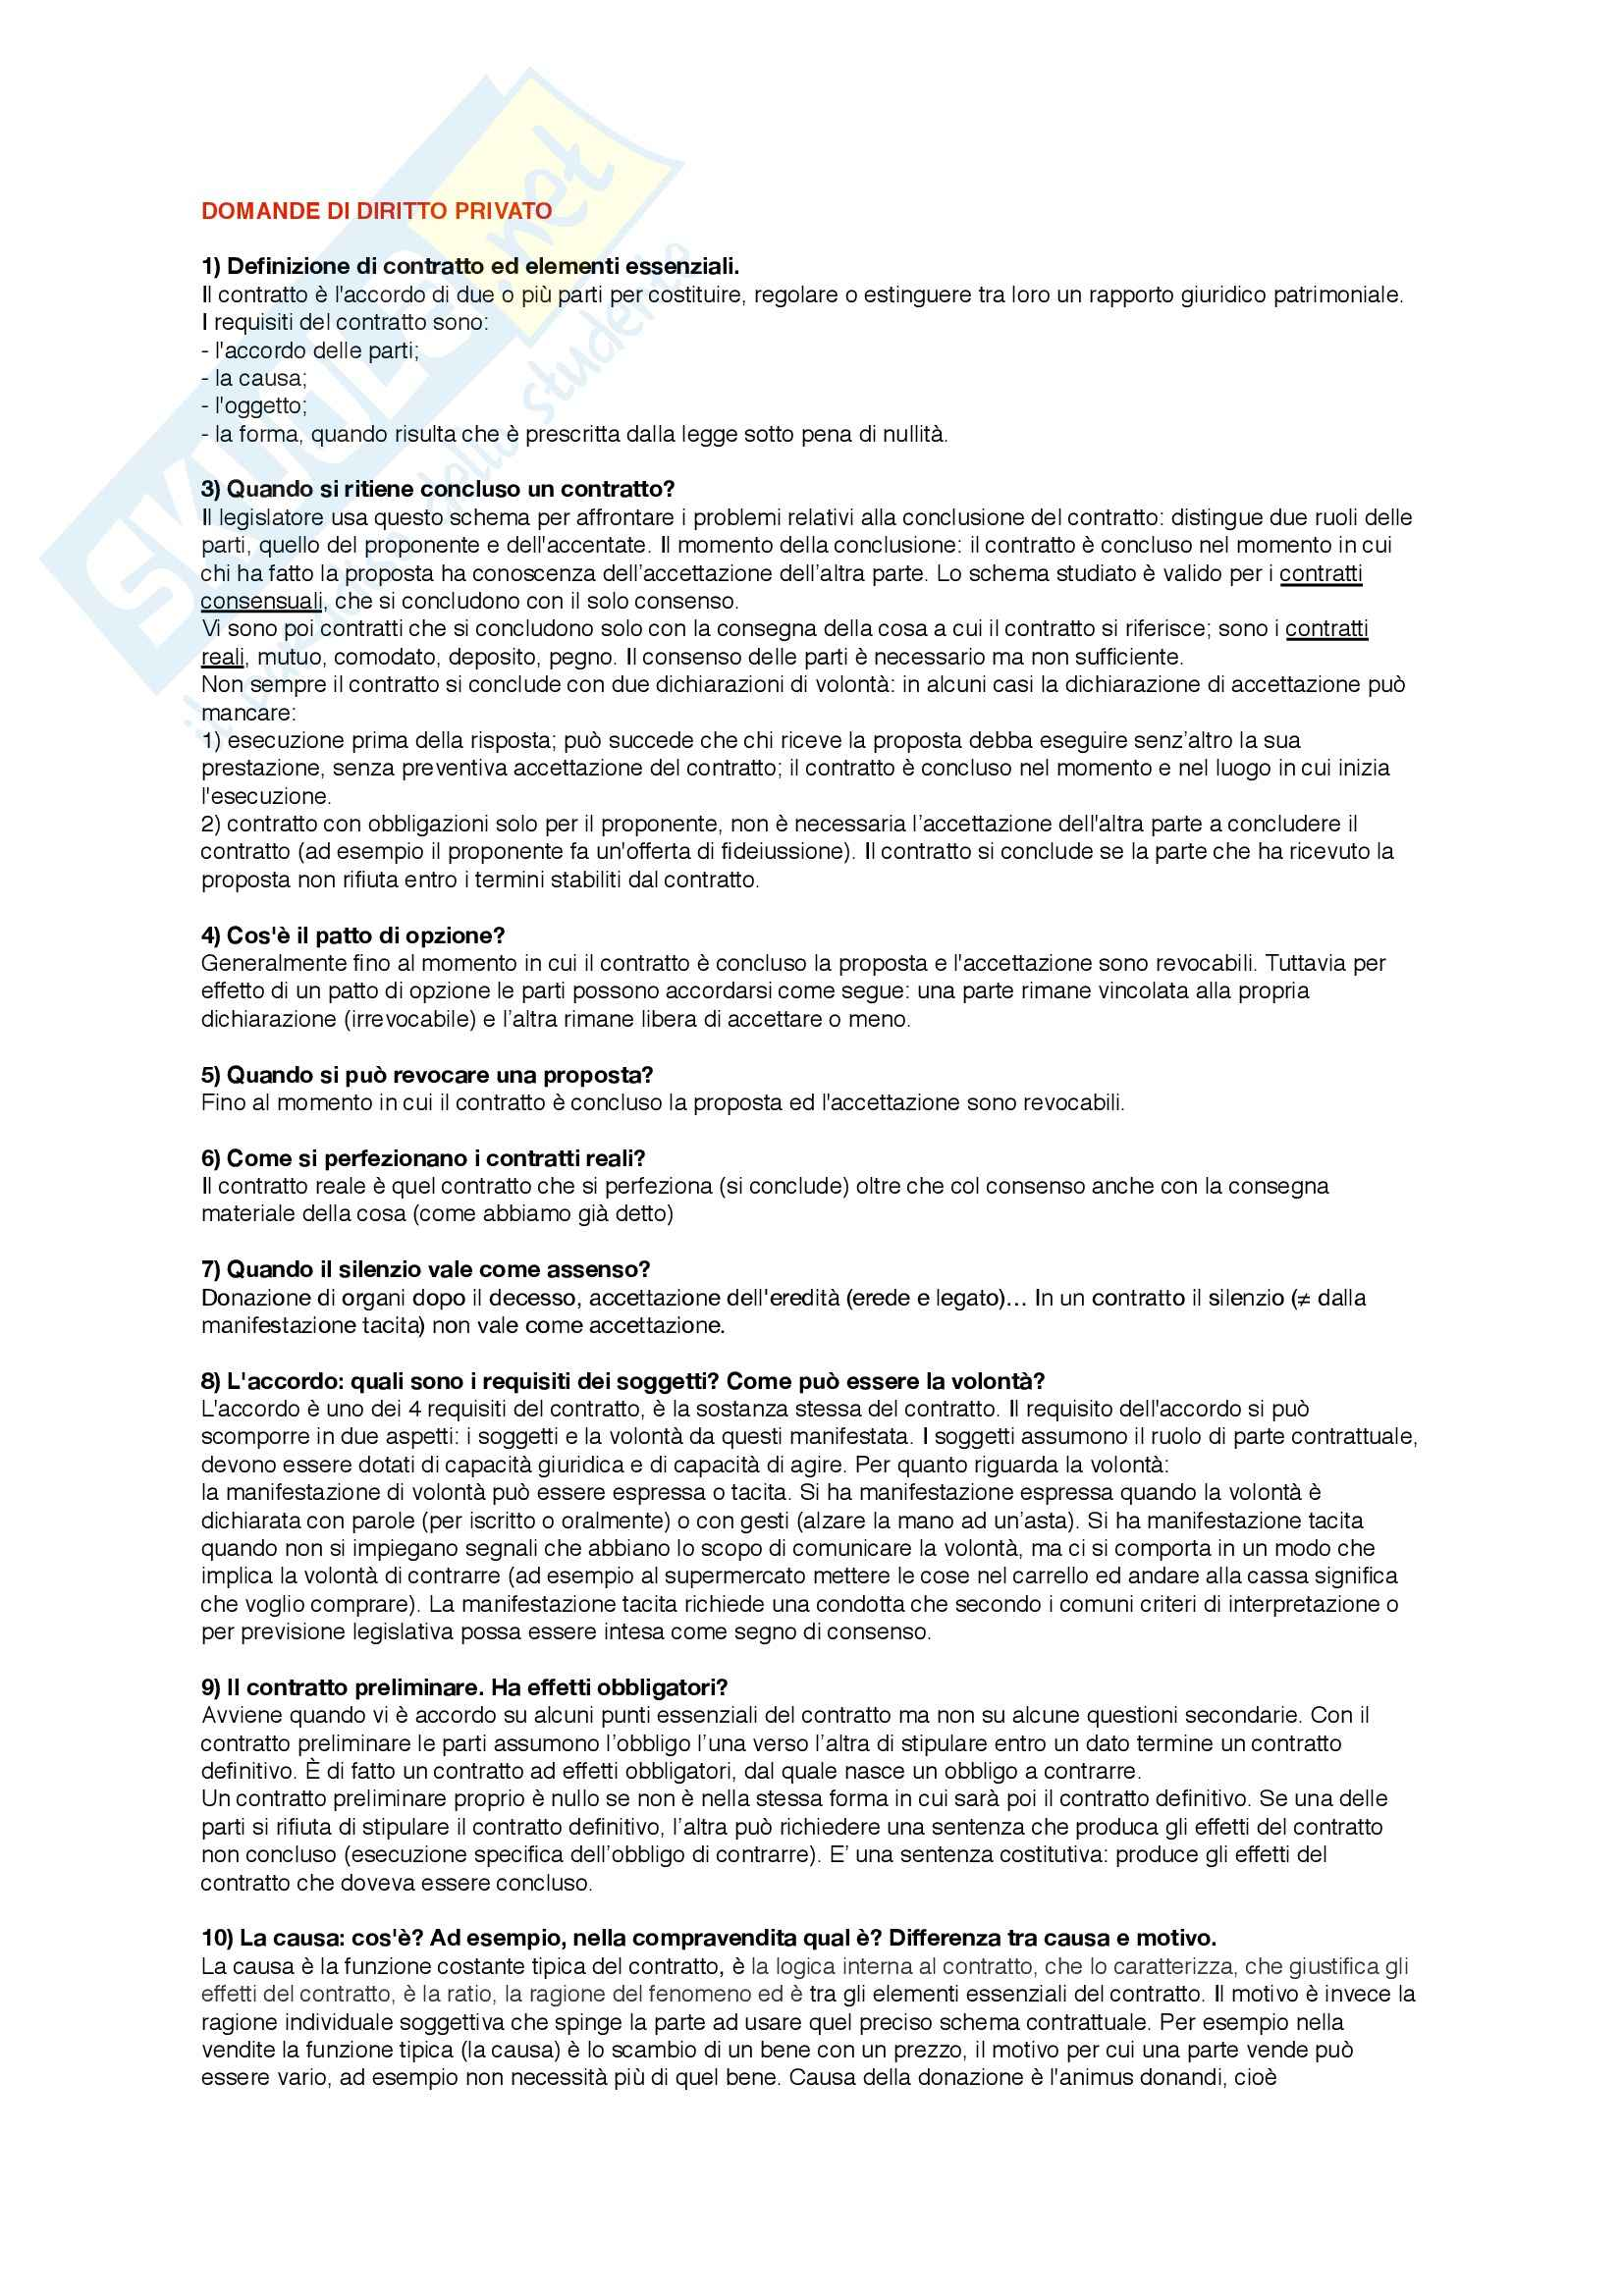 Diritto privato - Appunti